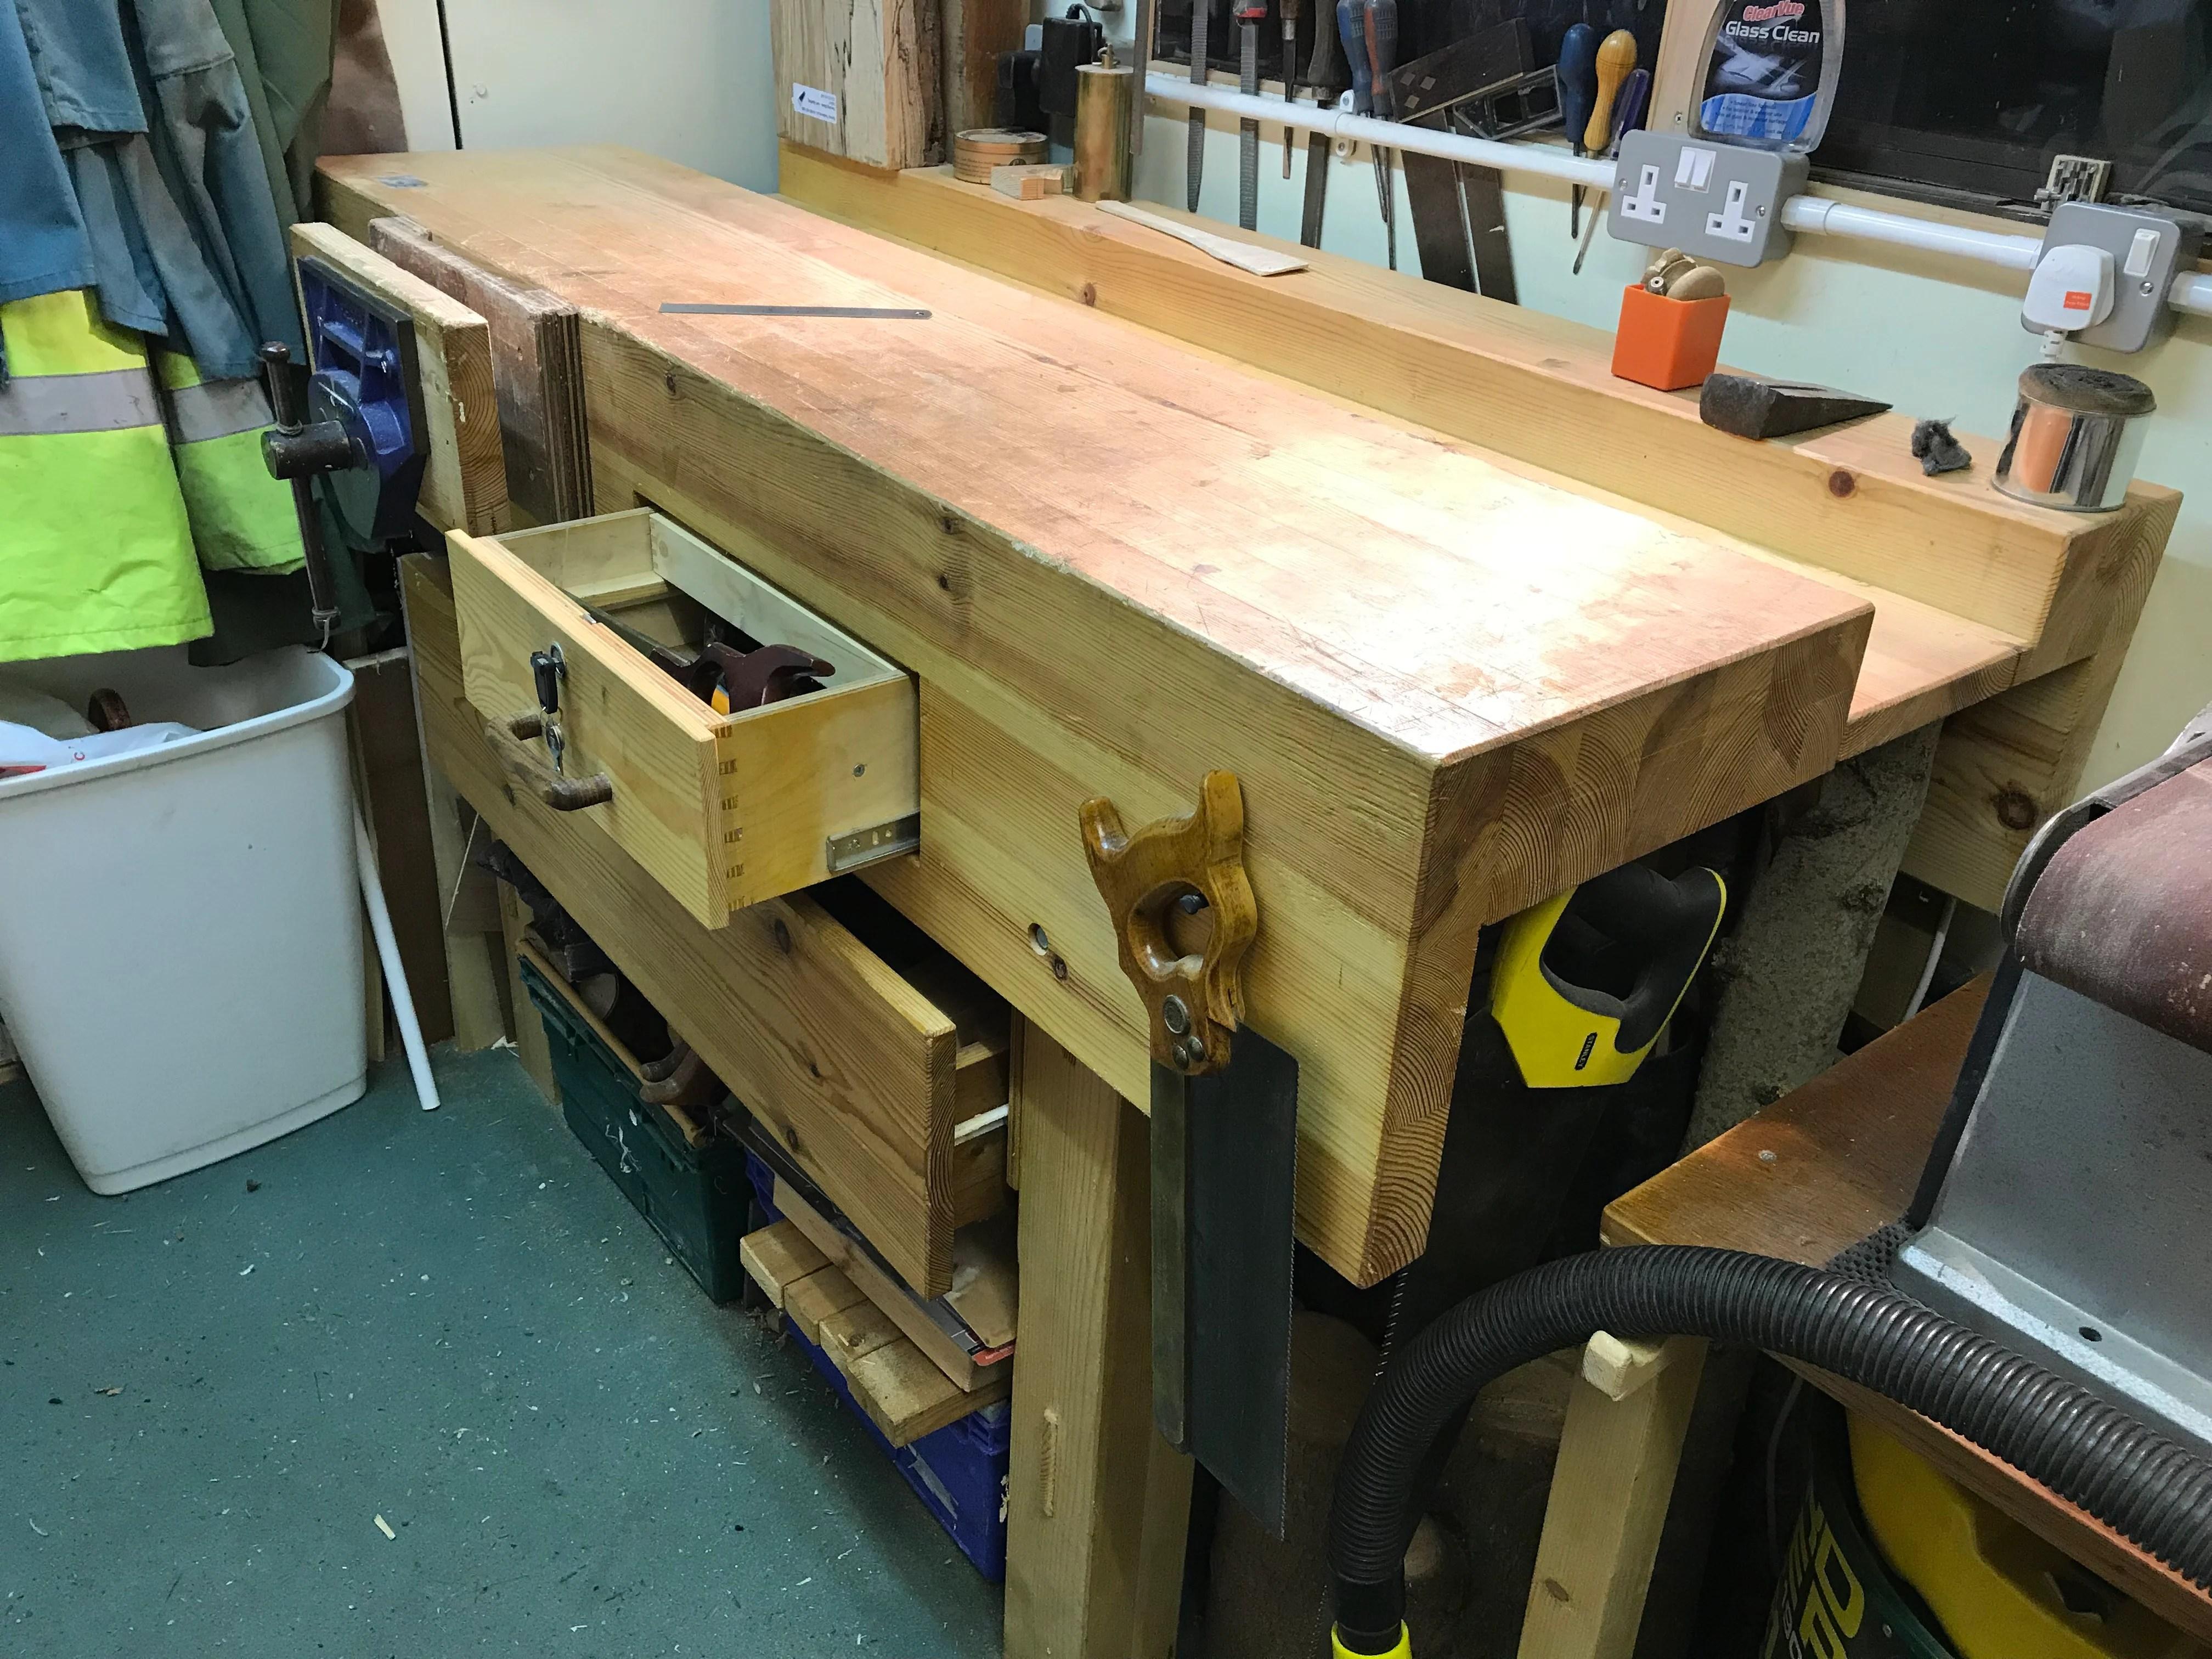 Workbench by Paul Rowe